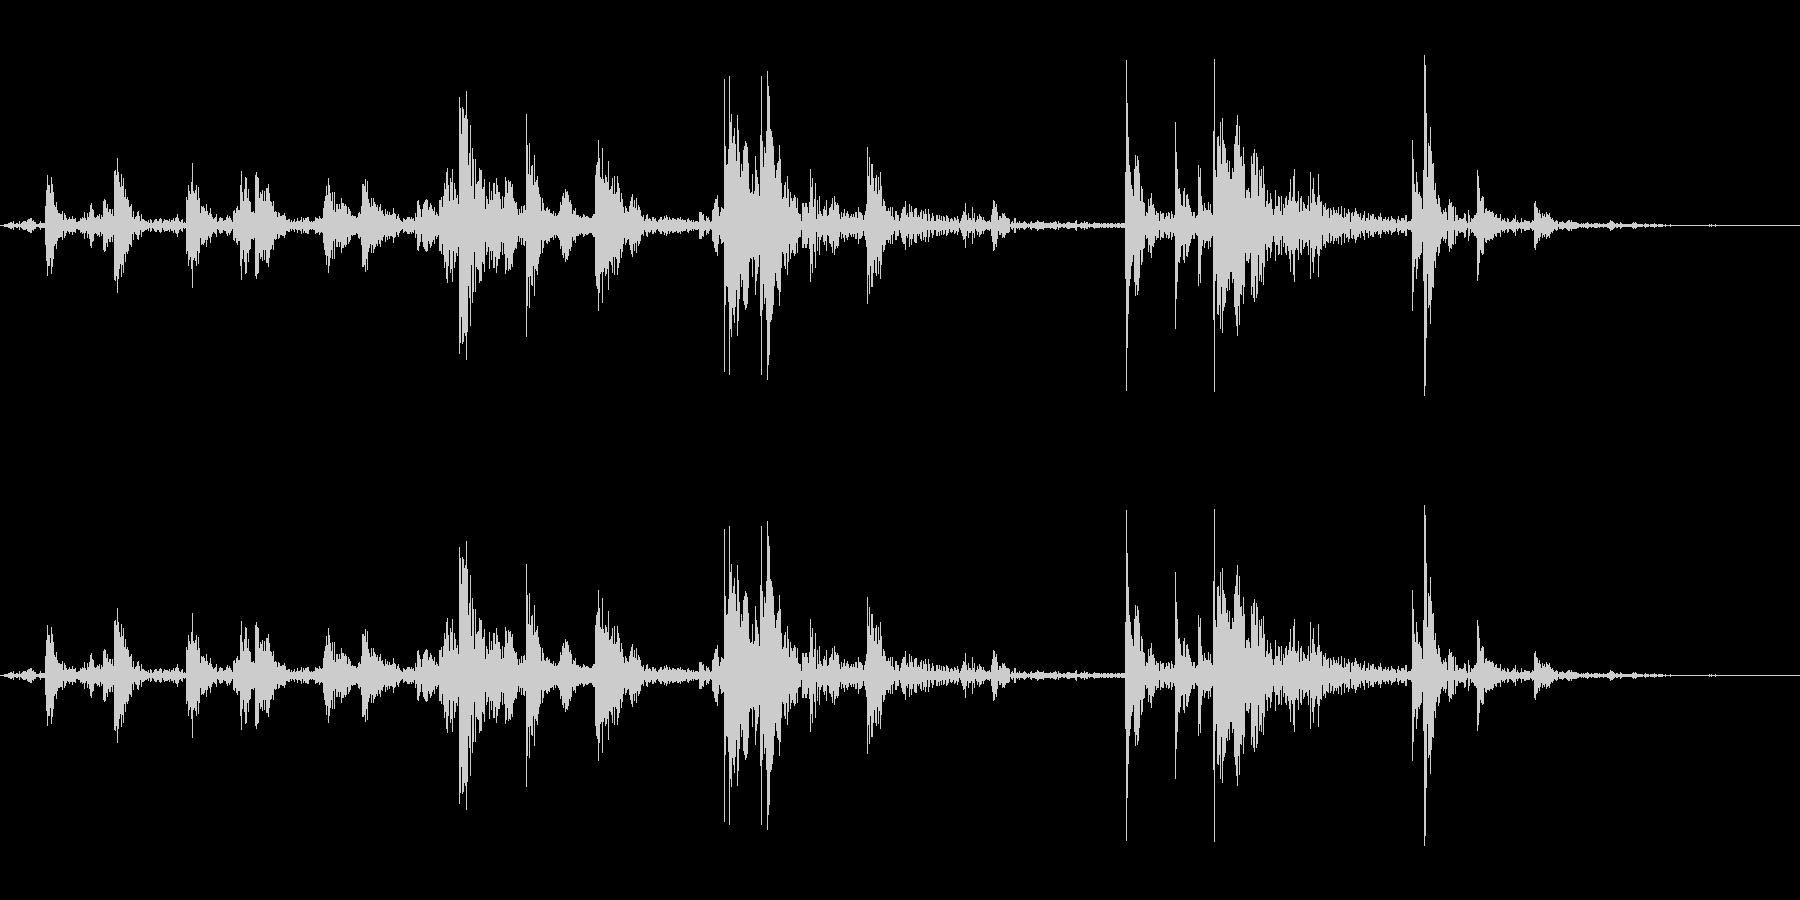 氷を入れる音_2(カランカラン)の未再生の波形